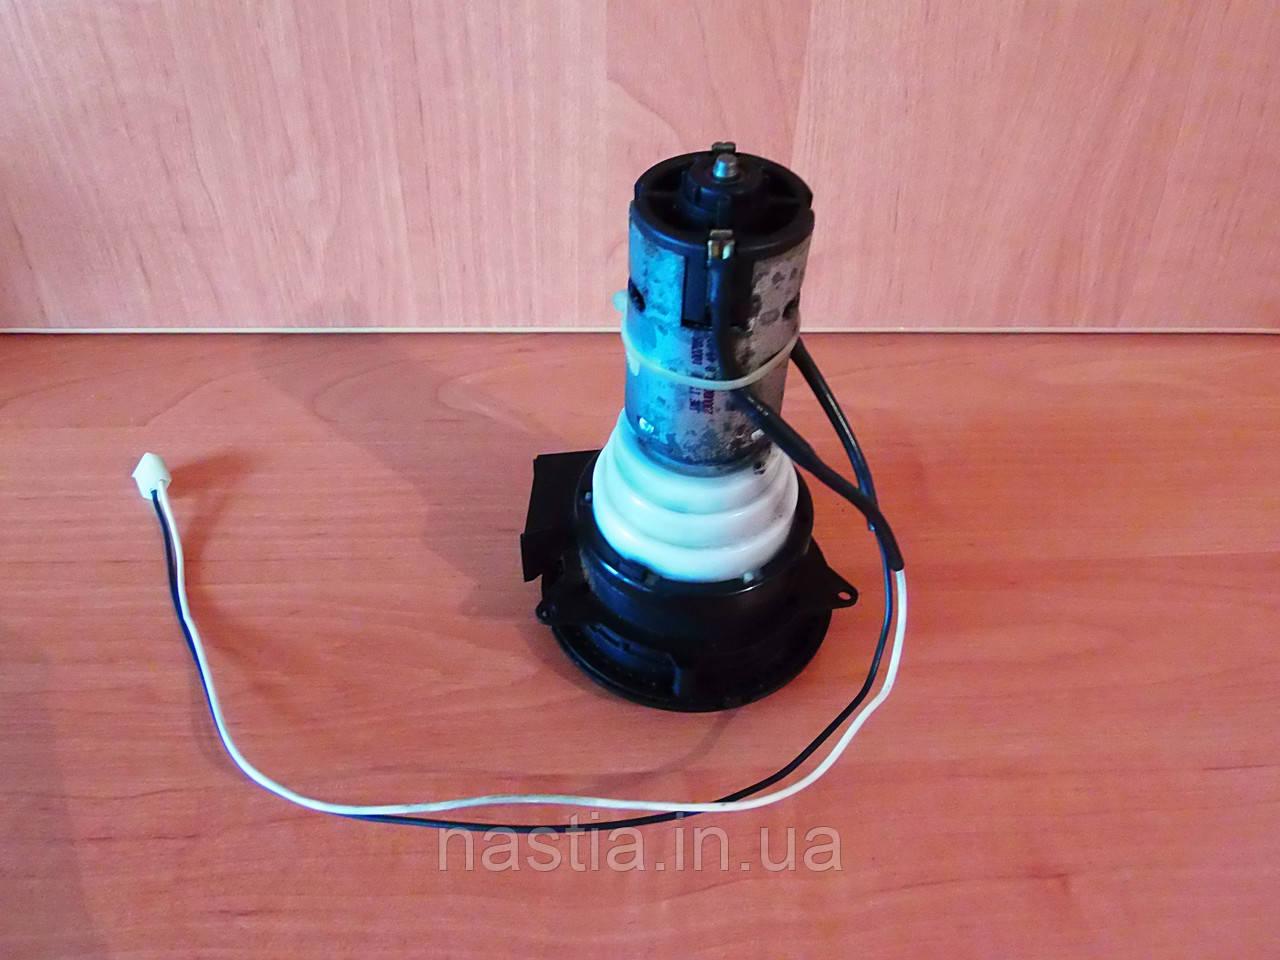 Б/У 0301.R10.00A/1 Двигатель кофемолки (в сборе) вертикальный